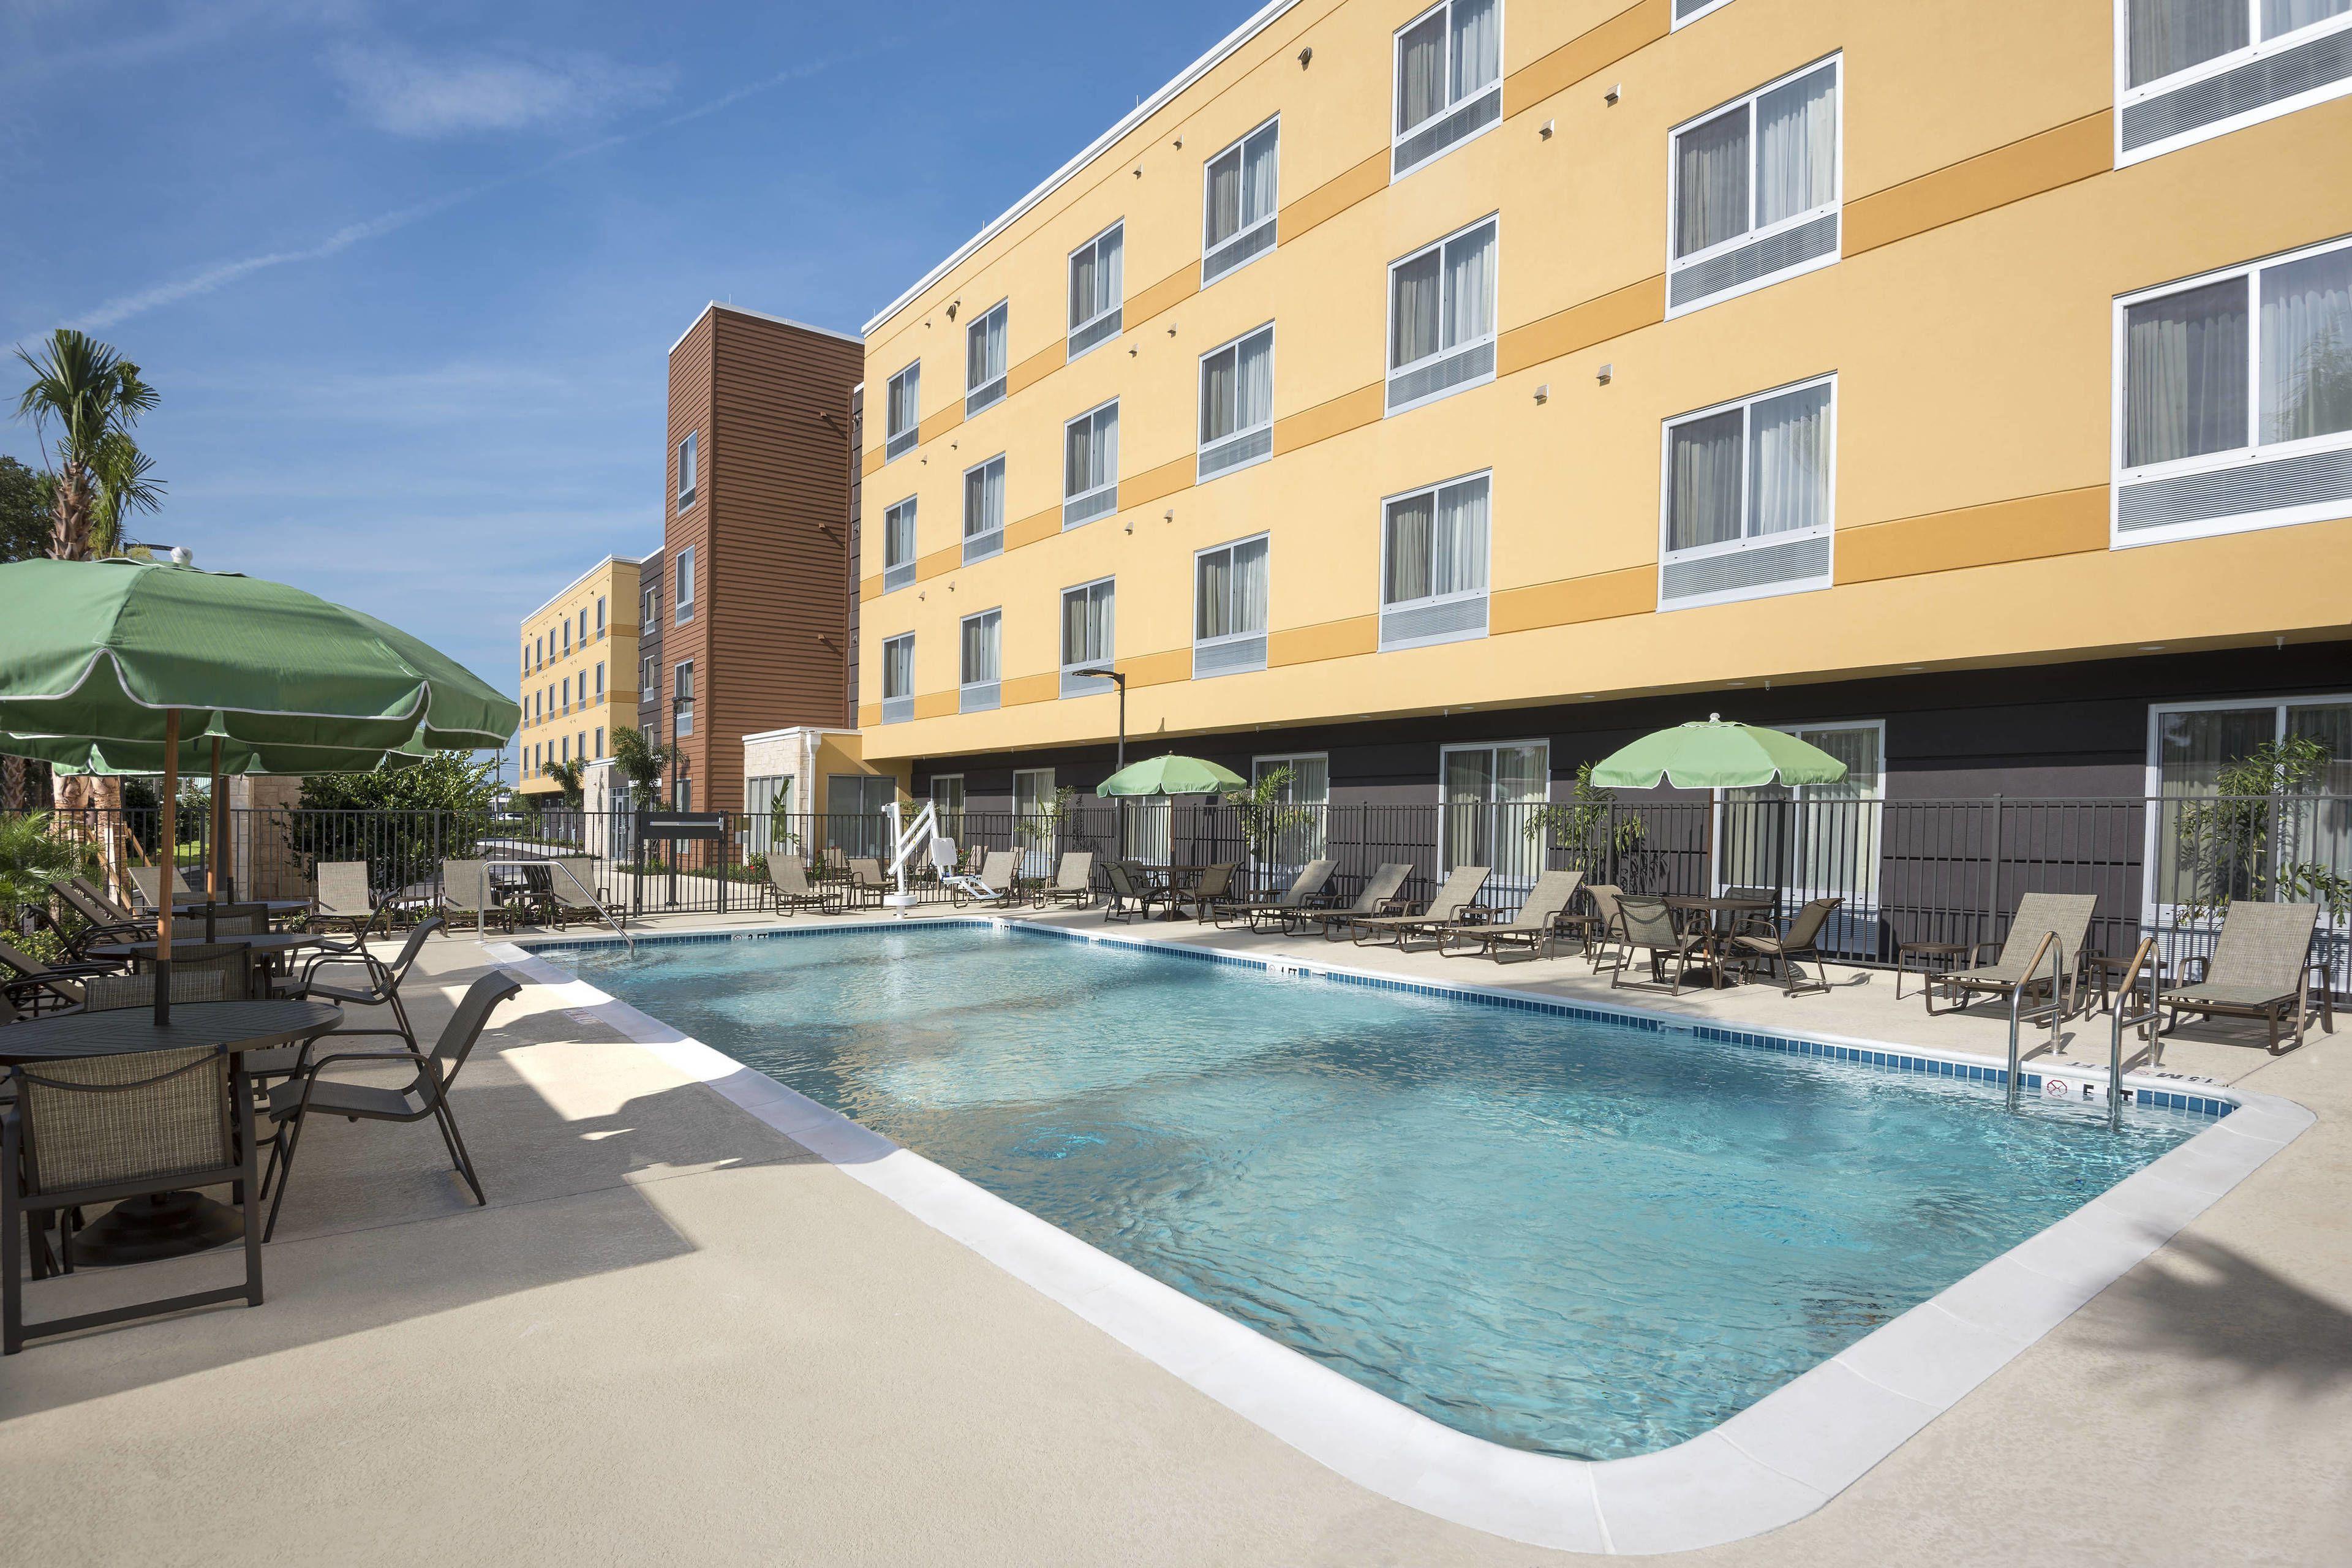 Courtesy Fairfield Inn and Suites Orlando Kissimmee / Expedia.com